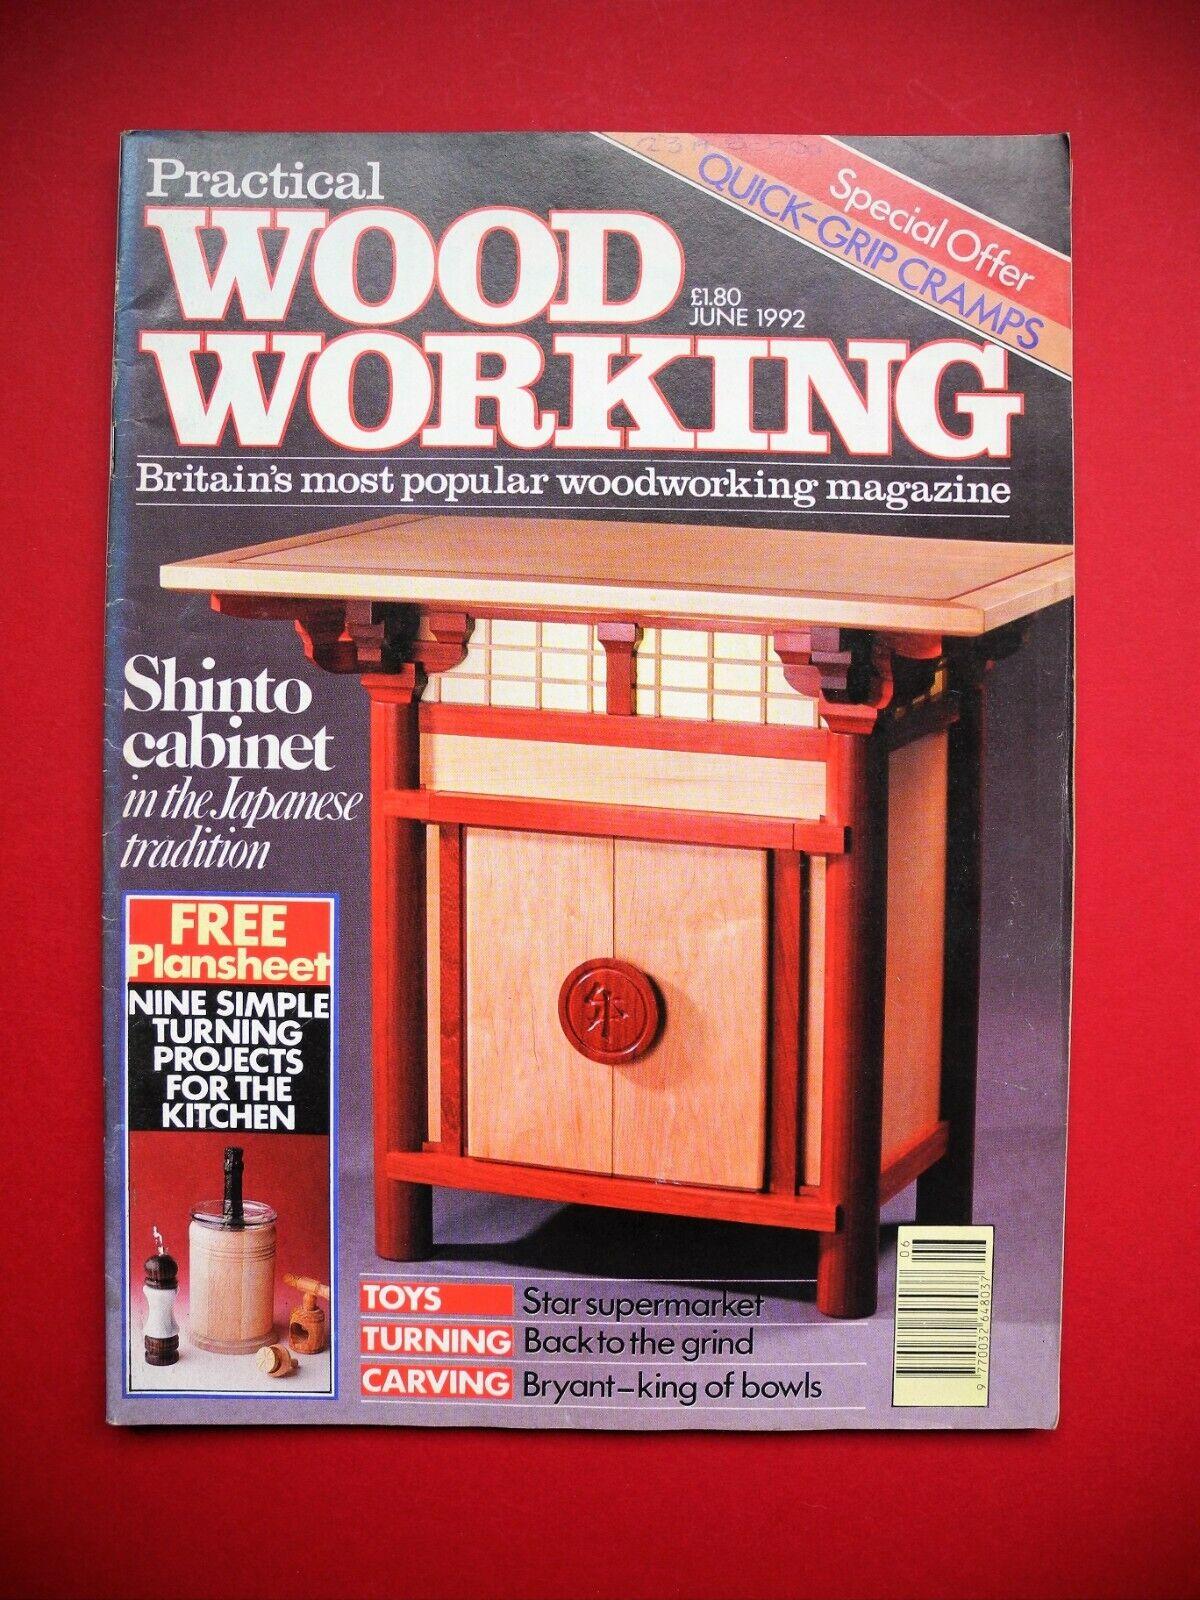 Revista mensual de trabajo de madera práctico c/w Gratis plansheet 9 proyectos June 1992.